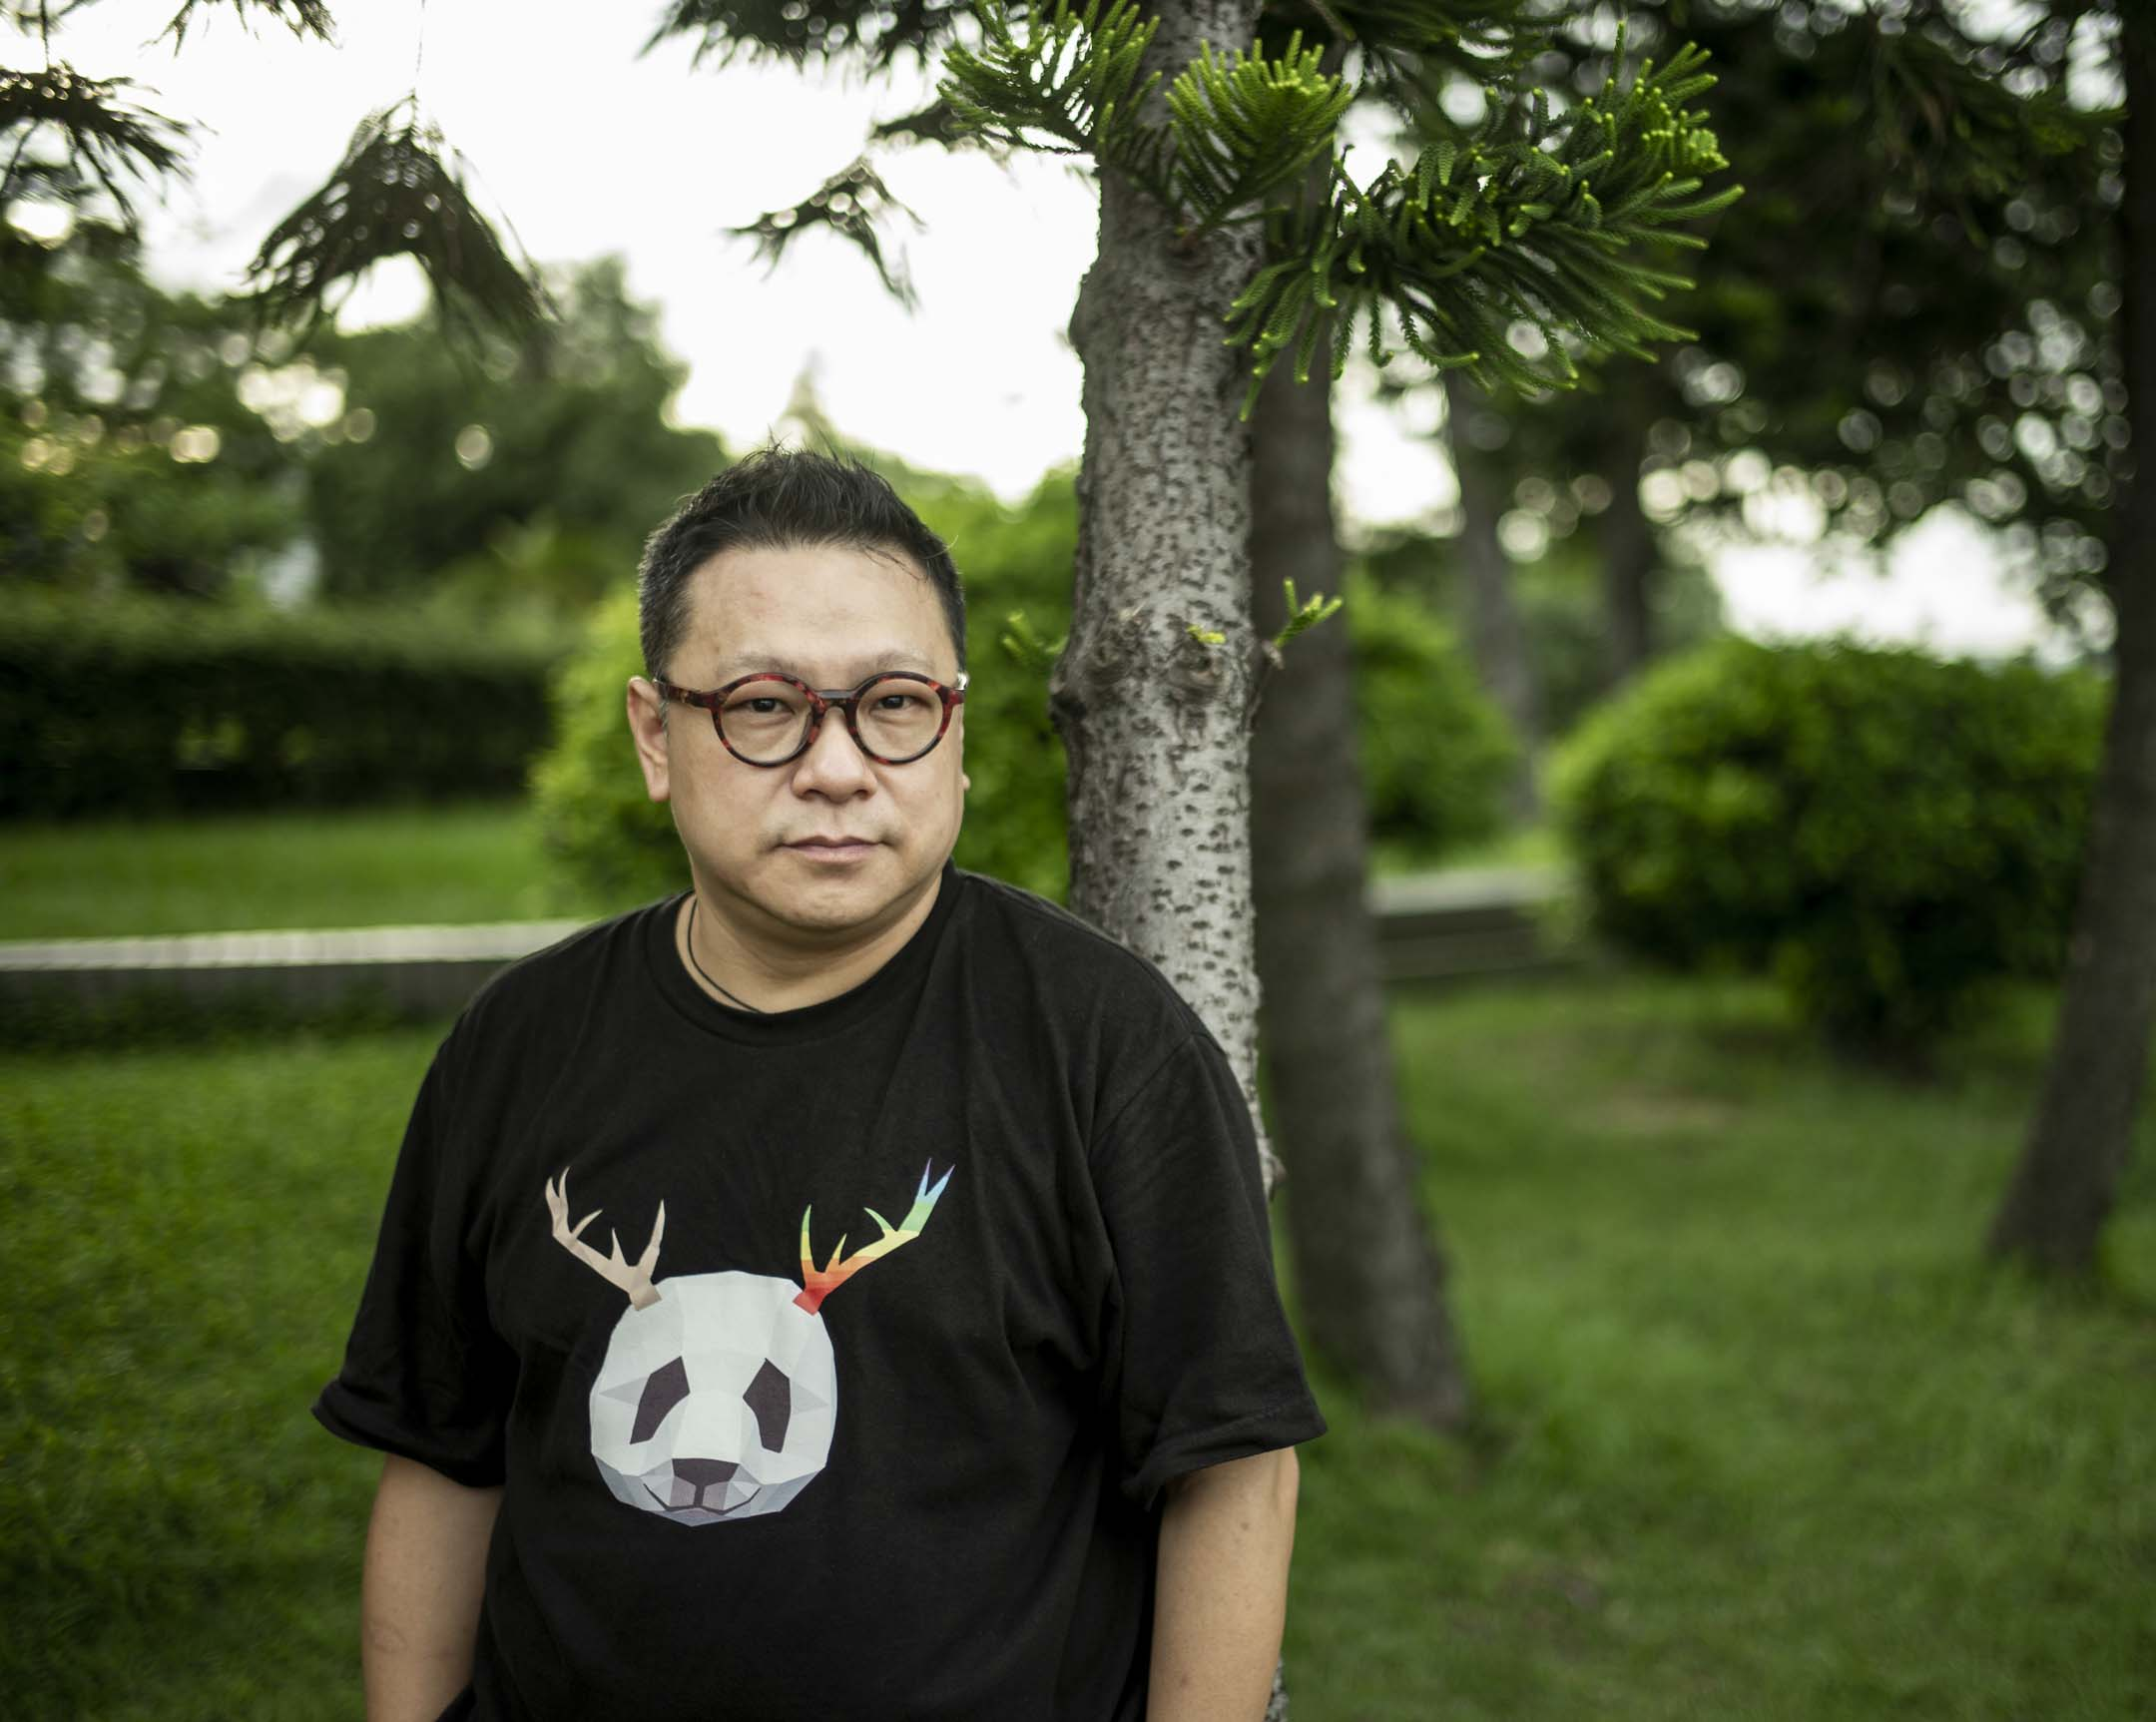 盧思騁,一直活躍在中國大陸環保領域,先後擔任過國際環境機構綠色和平和世界自然基金會於中國辦公室的管理者。 攝:林振東/端傳媒